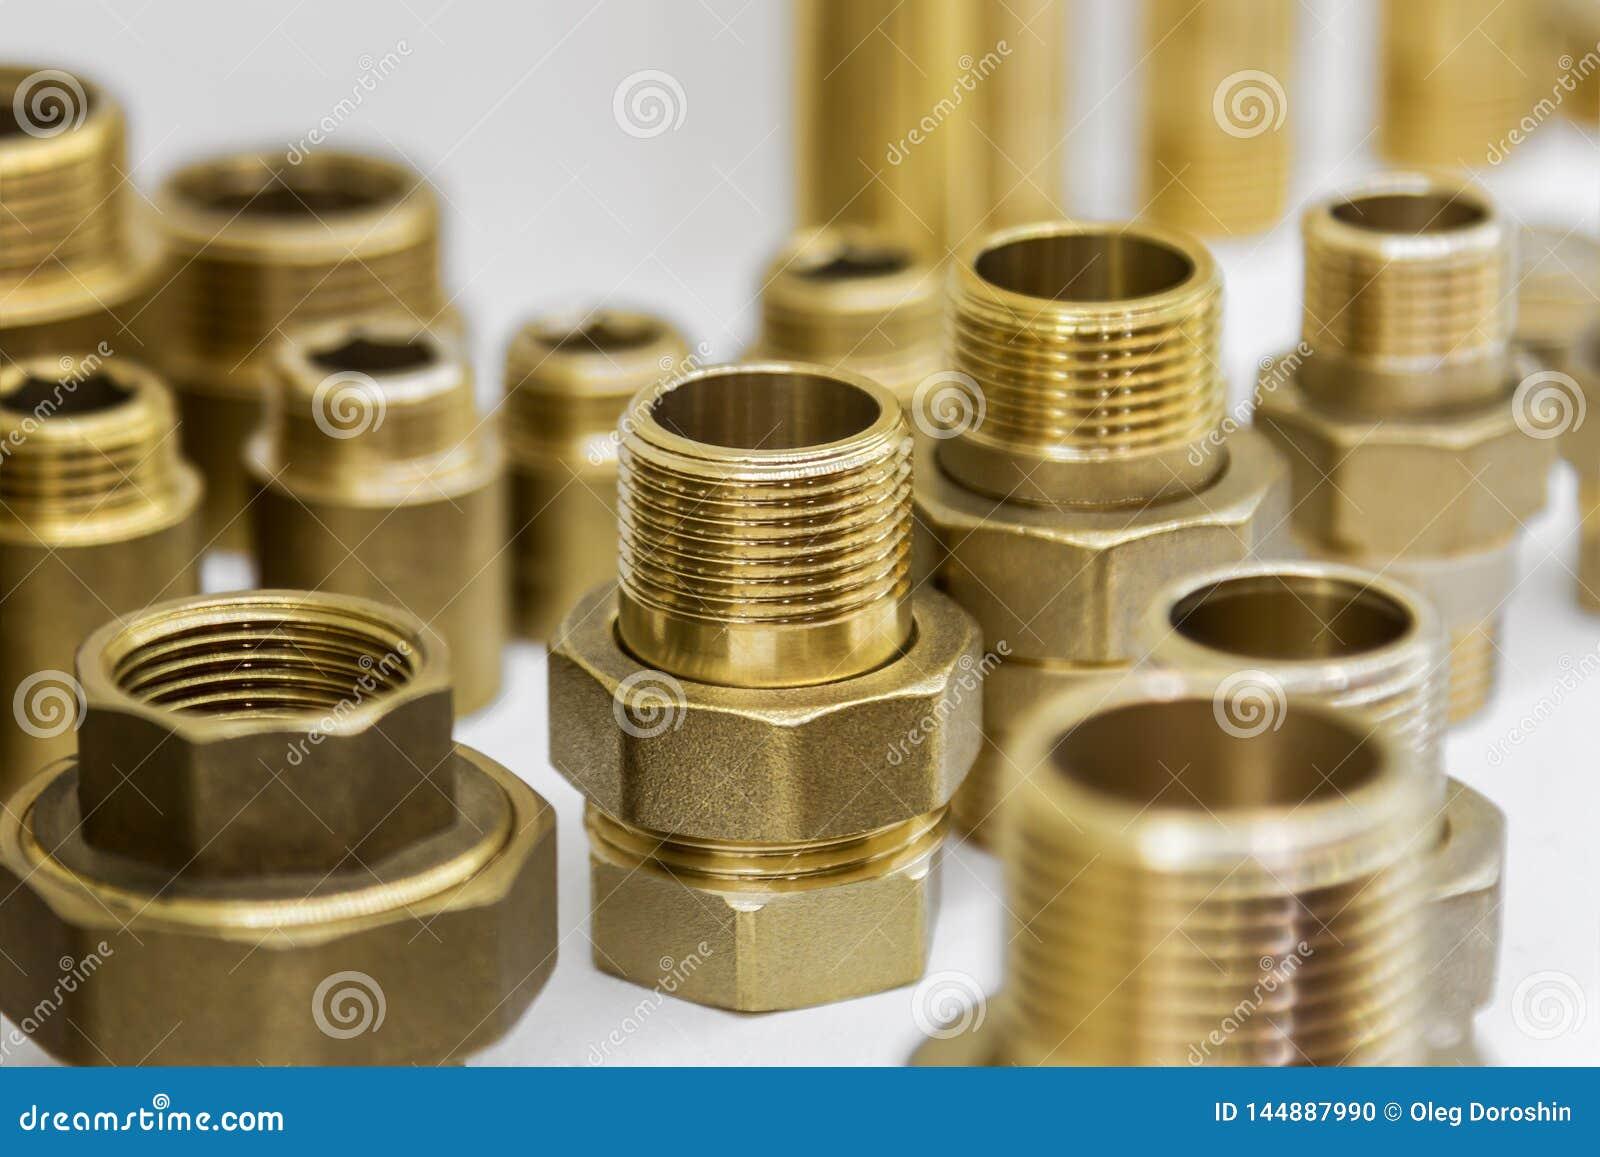 Olika adapter, kontaktdon för rörmokeri och reparation